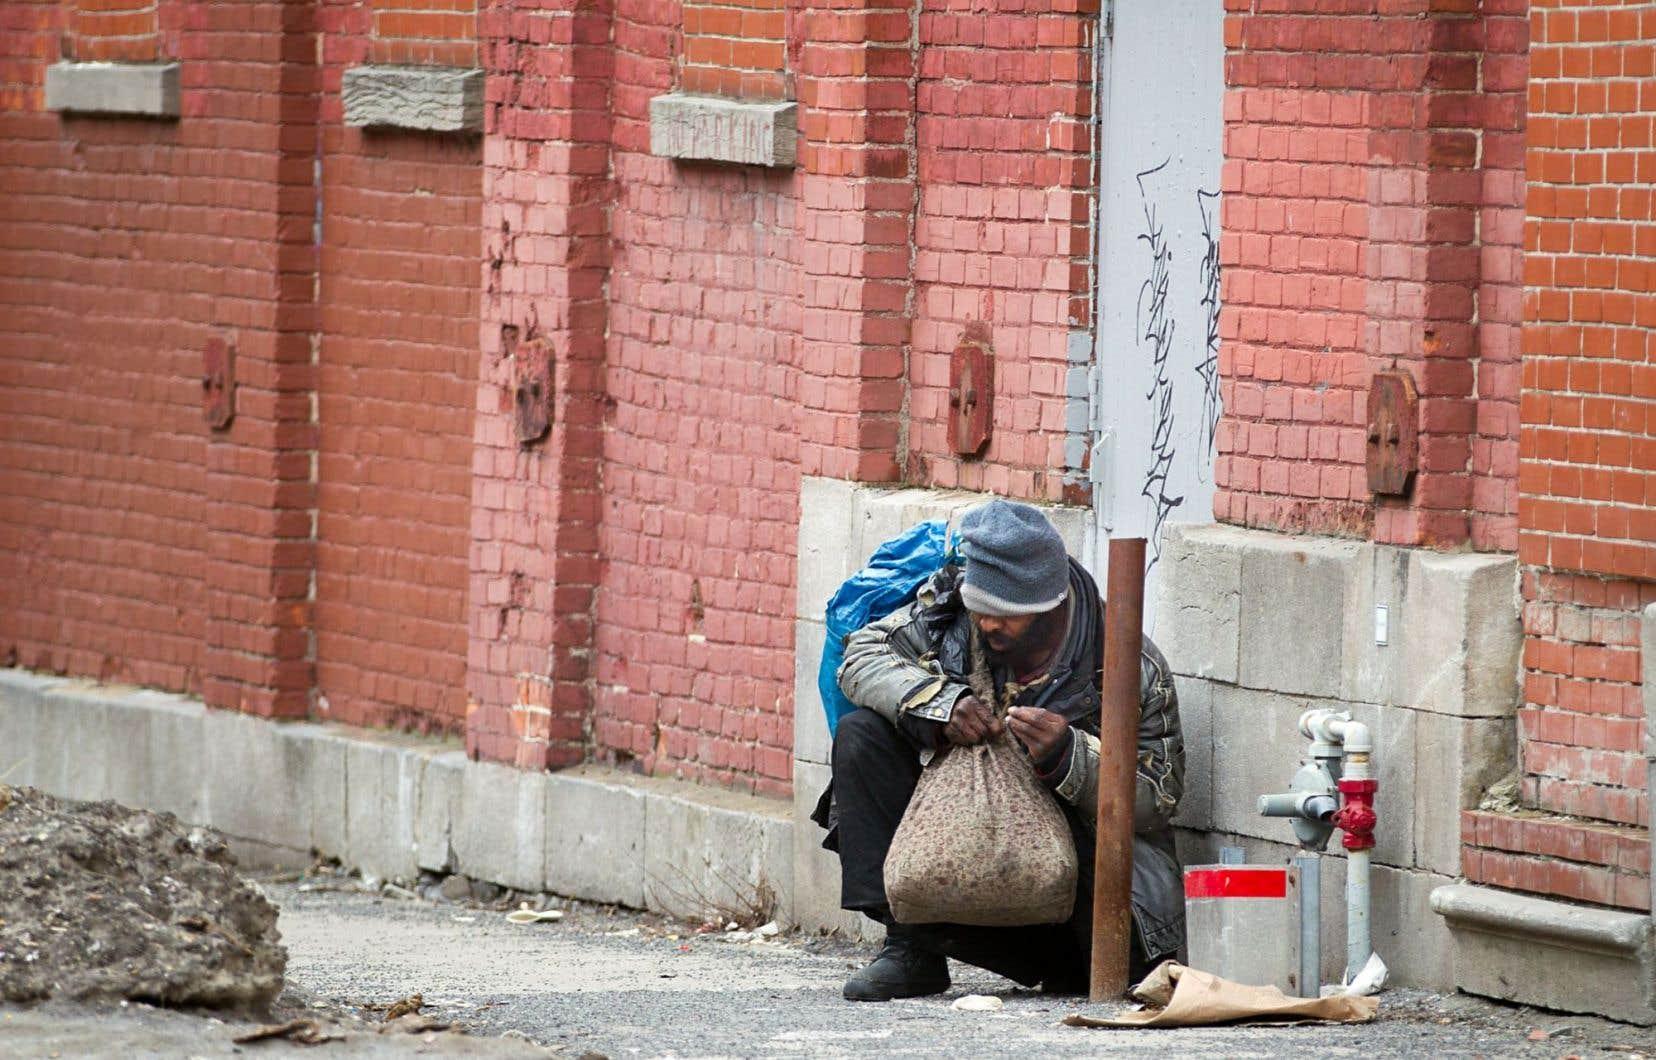 Le RGPAQ est déçu de ne pas trouver dans la nouvelle politique éducative des mesures pour lutter contre la pauvreté, regrette Caroline Meunier, responsable au développement des analyses et des stratégies du RGPAQ.